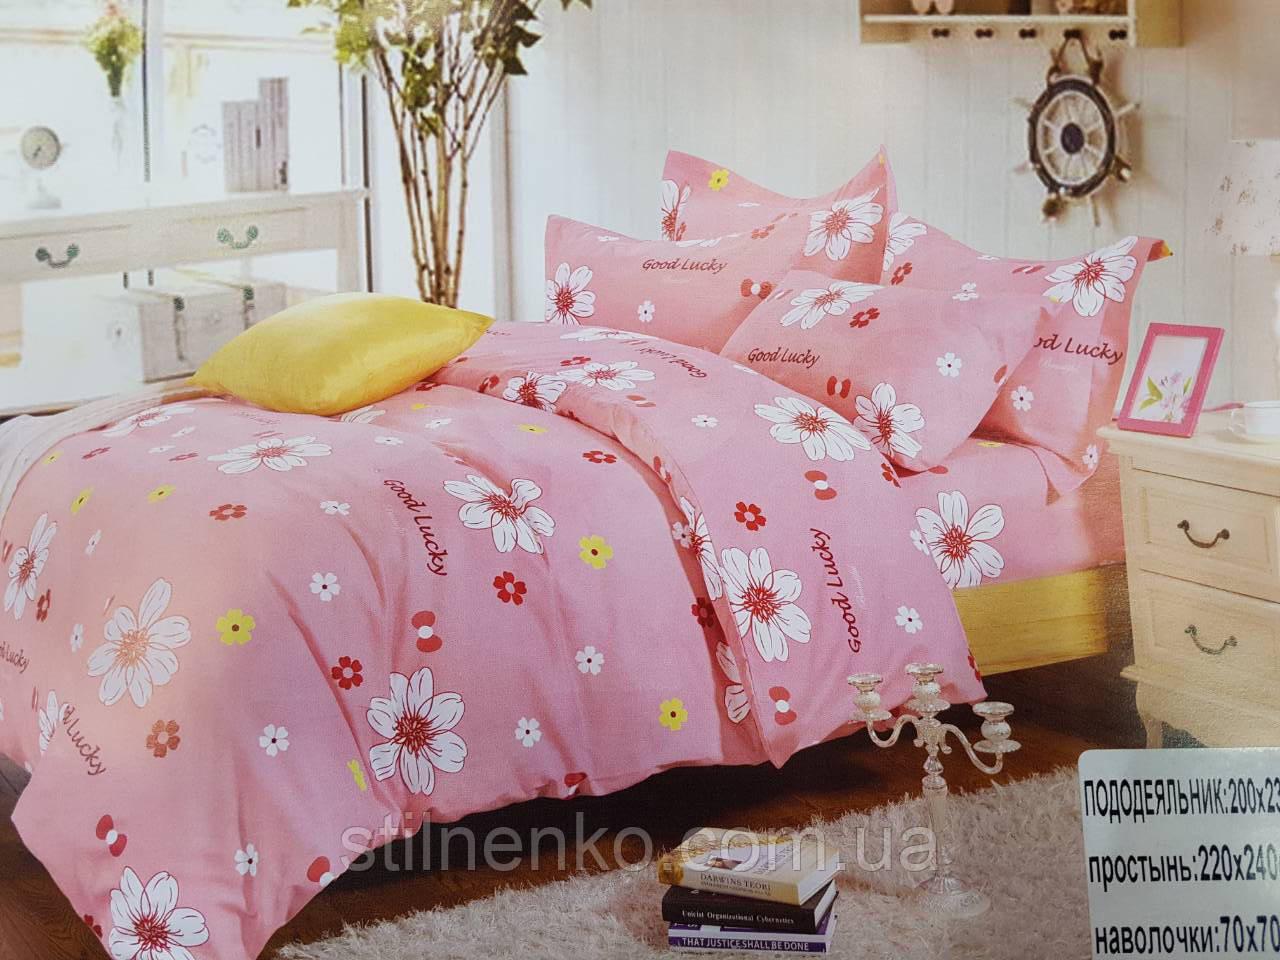 \двухспальный комплект постельного белья